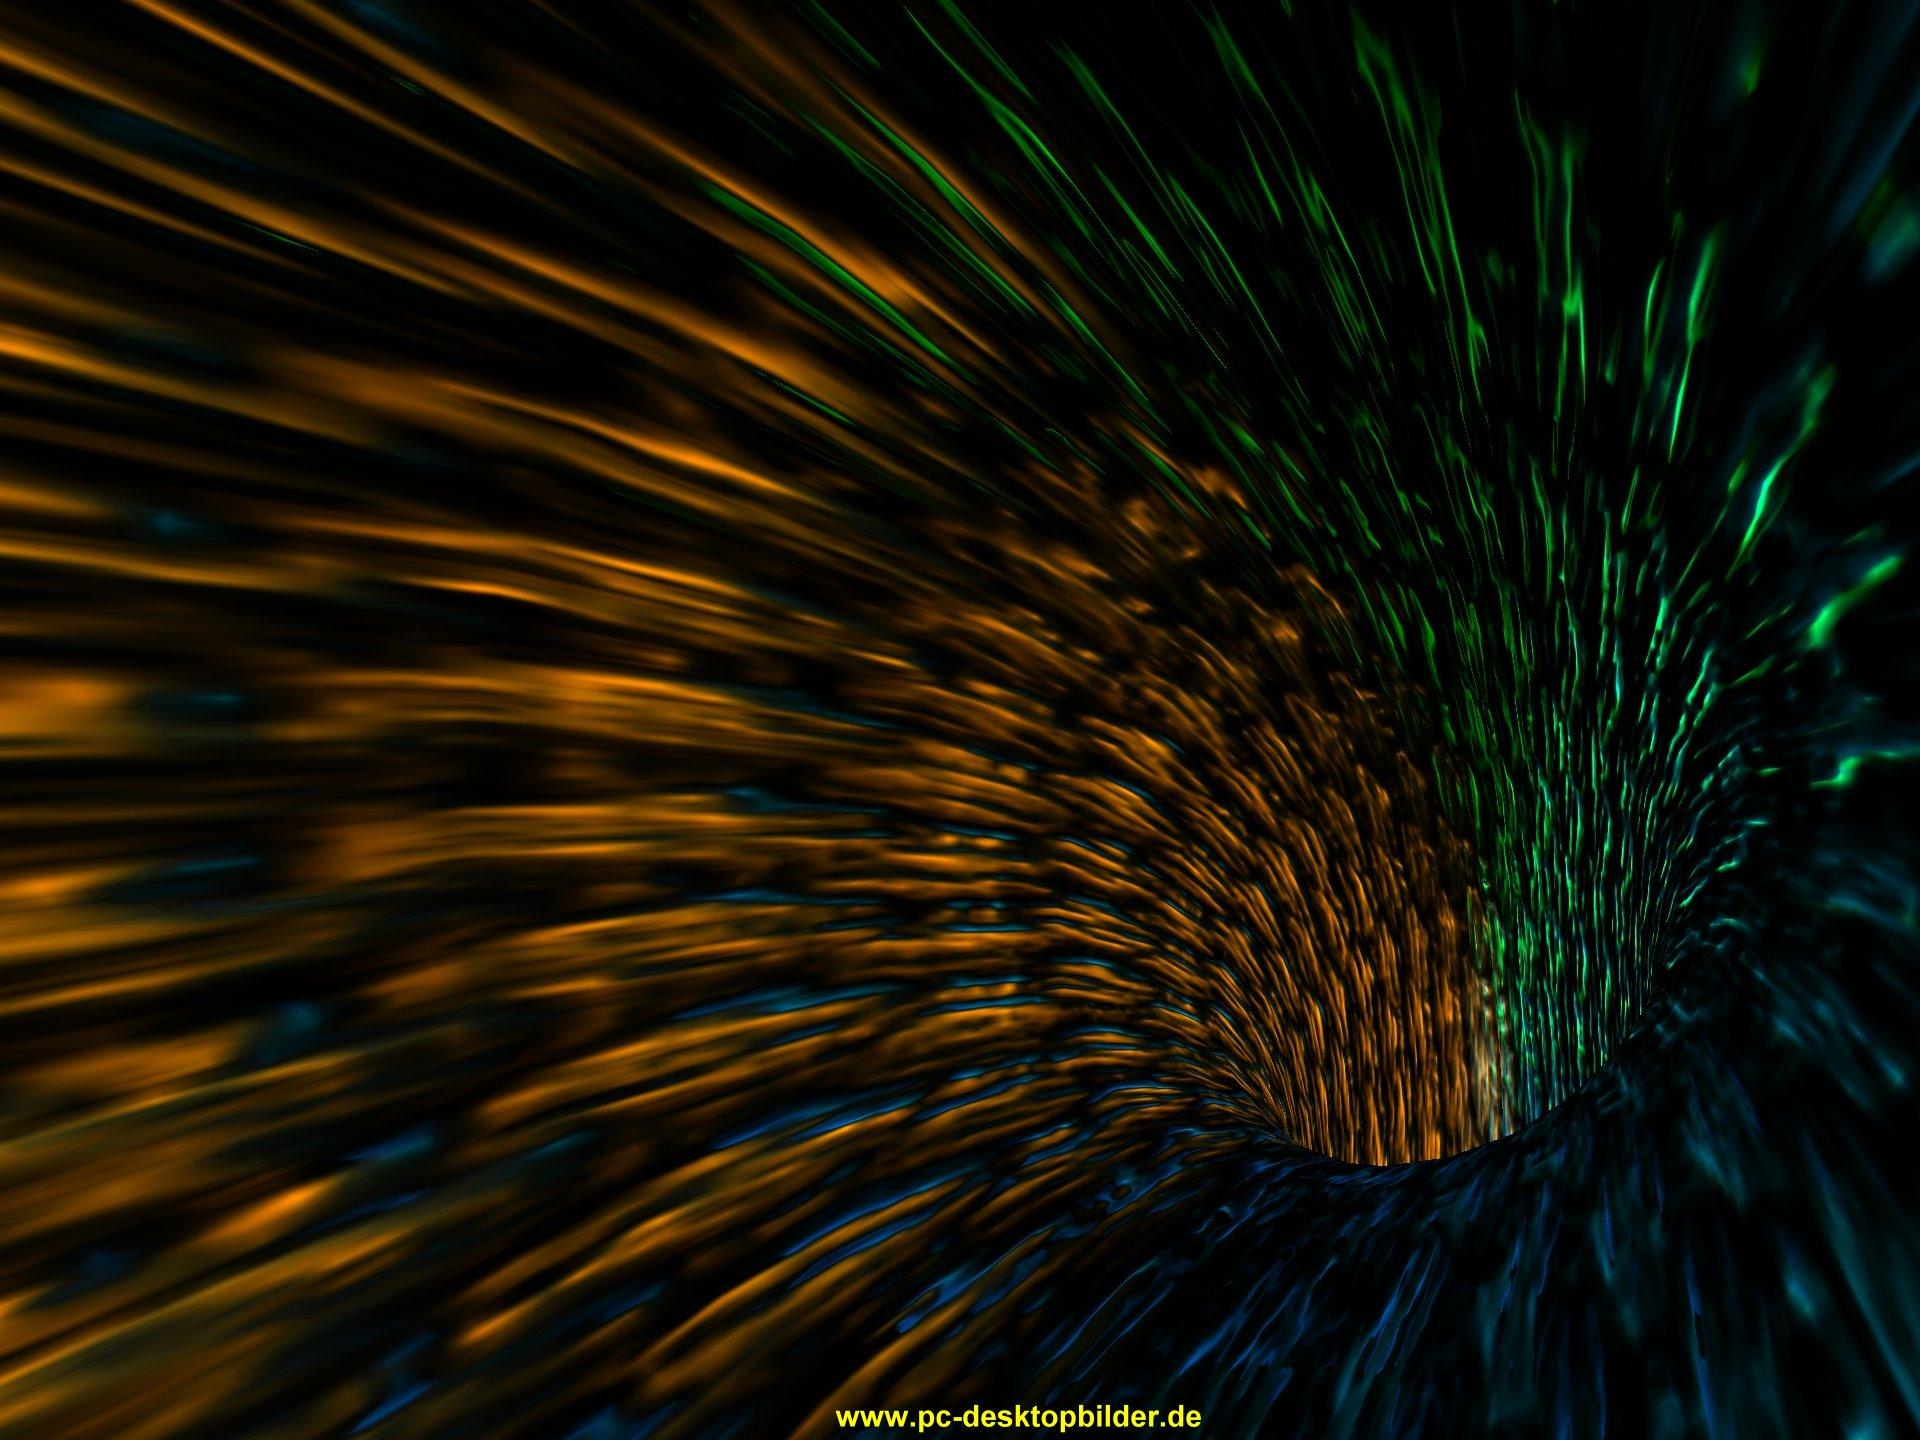 running clock wallpaper for desktop,nature,green,darkness,organism,close up